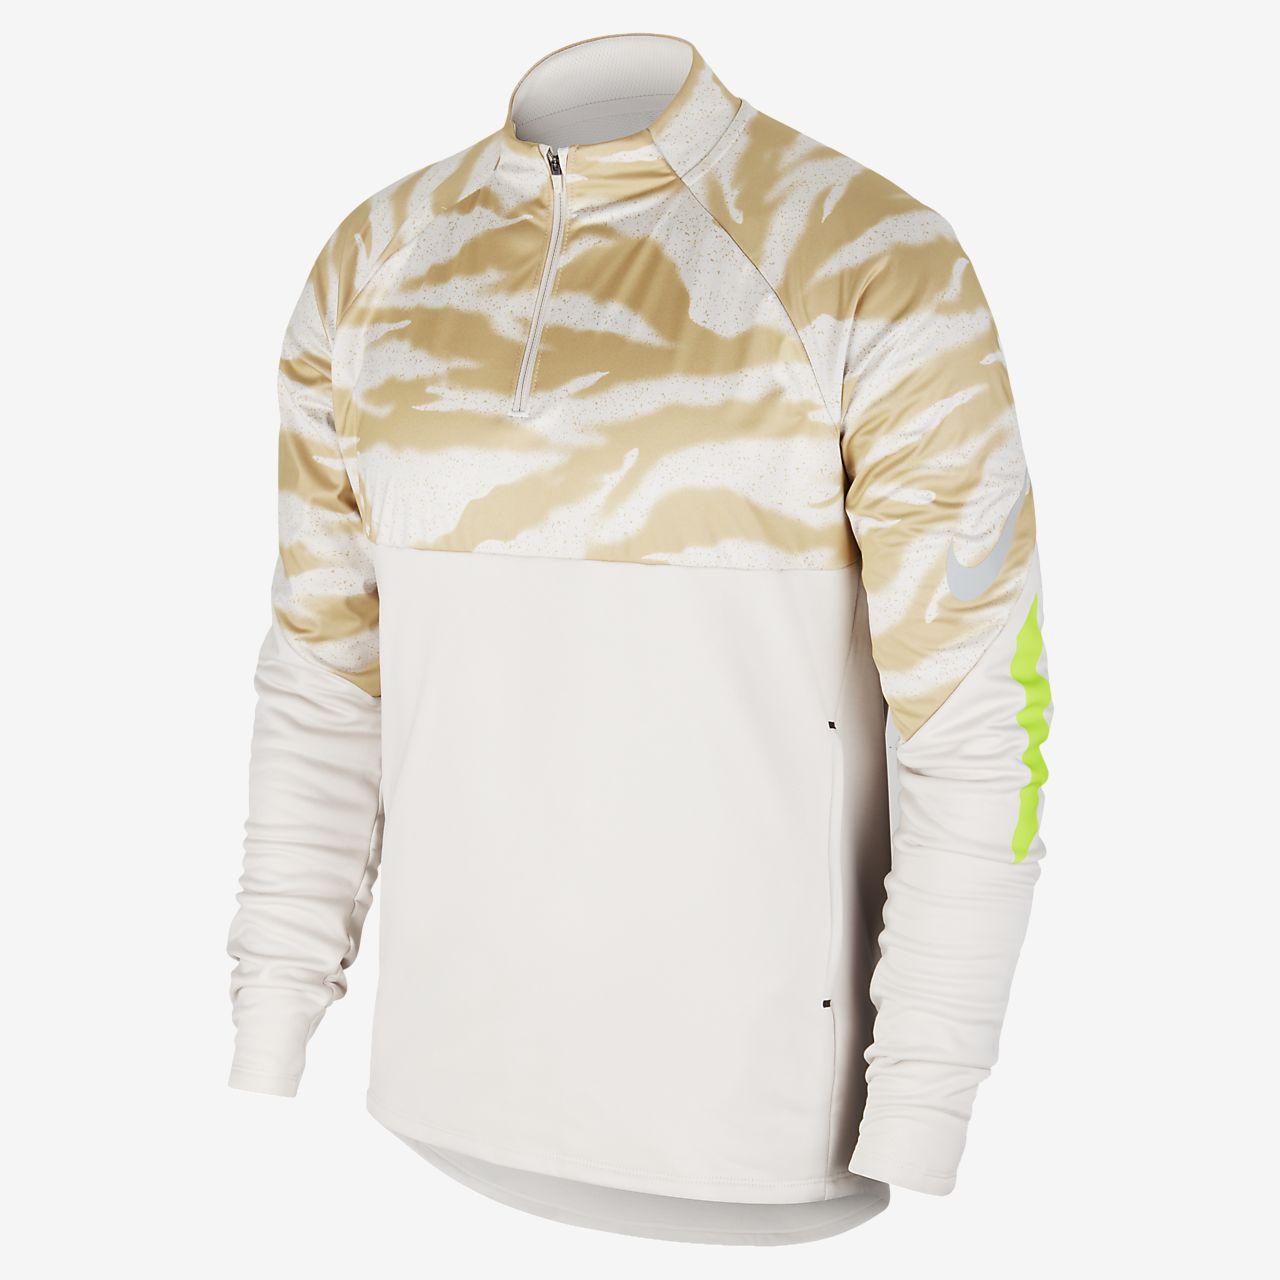 Ανδρική ποδοσφαιρική μπλούζα προπόνησης Nike Therma Shield Strike